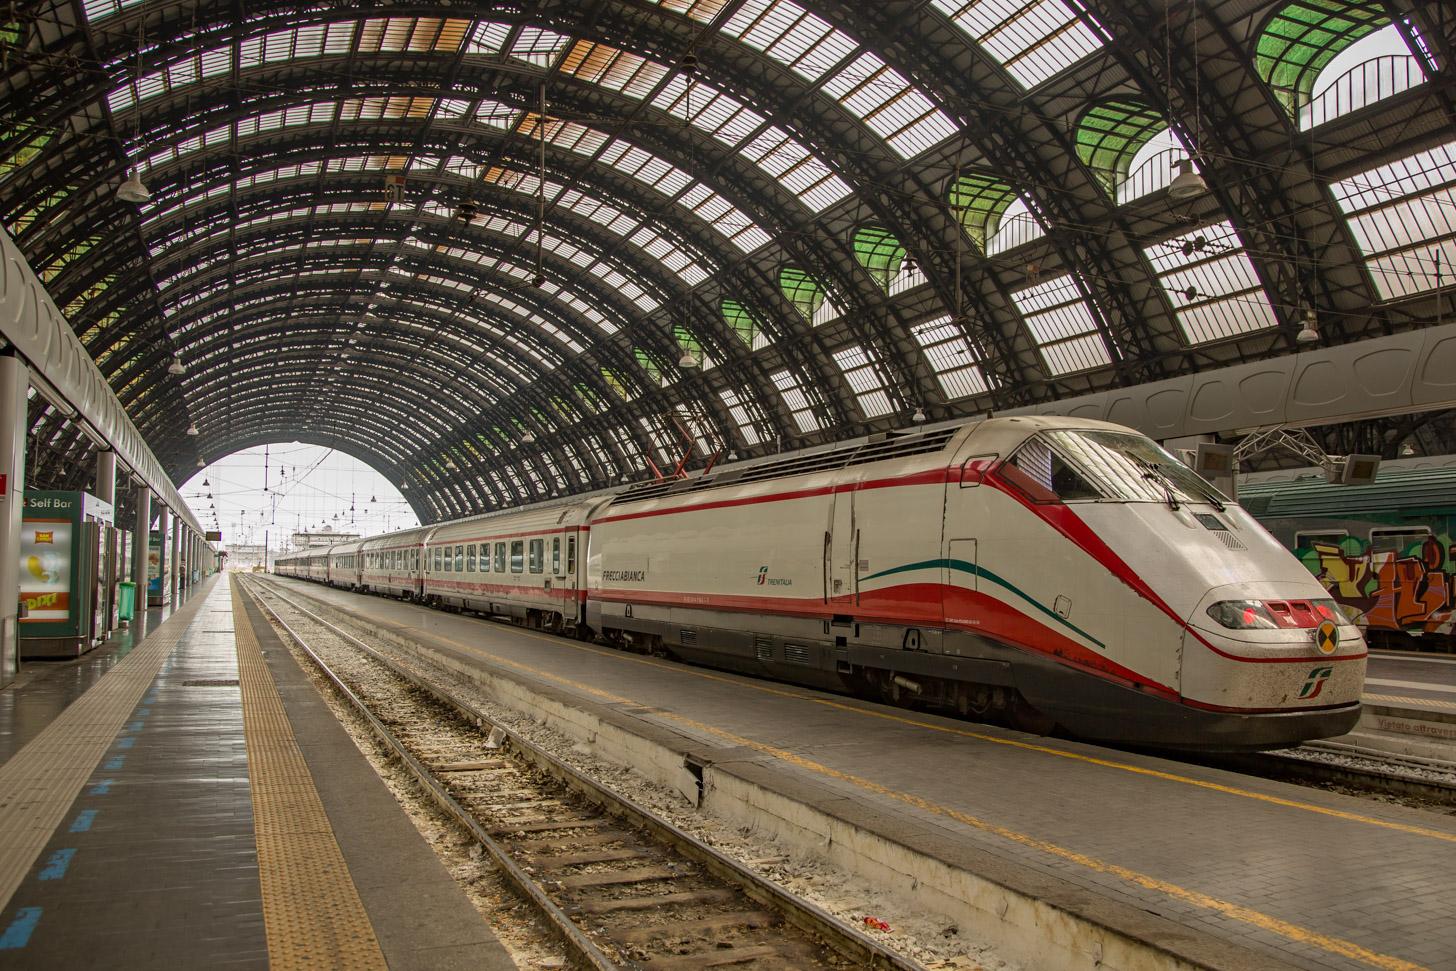 Met de trein naar Milaan reizen